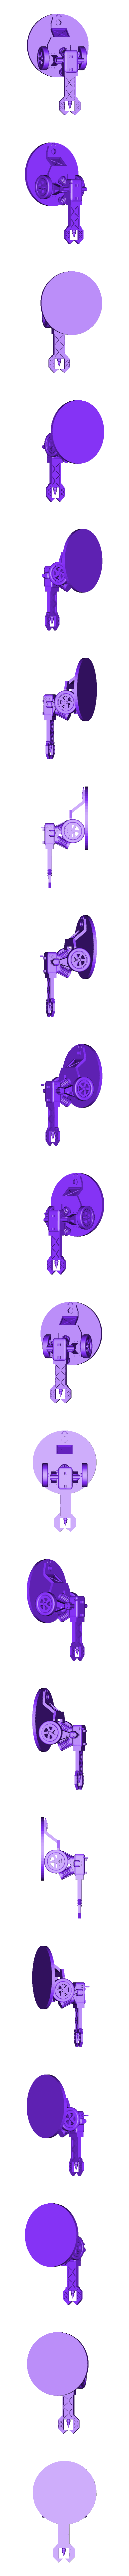 zapper_complete_based.stl Télécharger fichier STL gratuit Orc / ork Zapper / Zzzap gun 28mm wargames • Design pour impression 3D, redstarkits